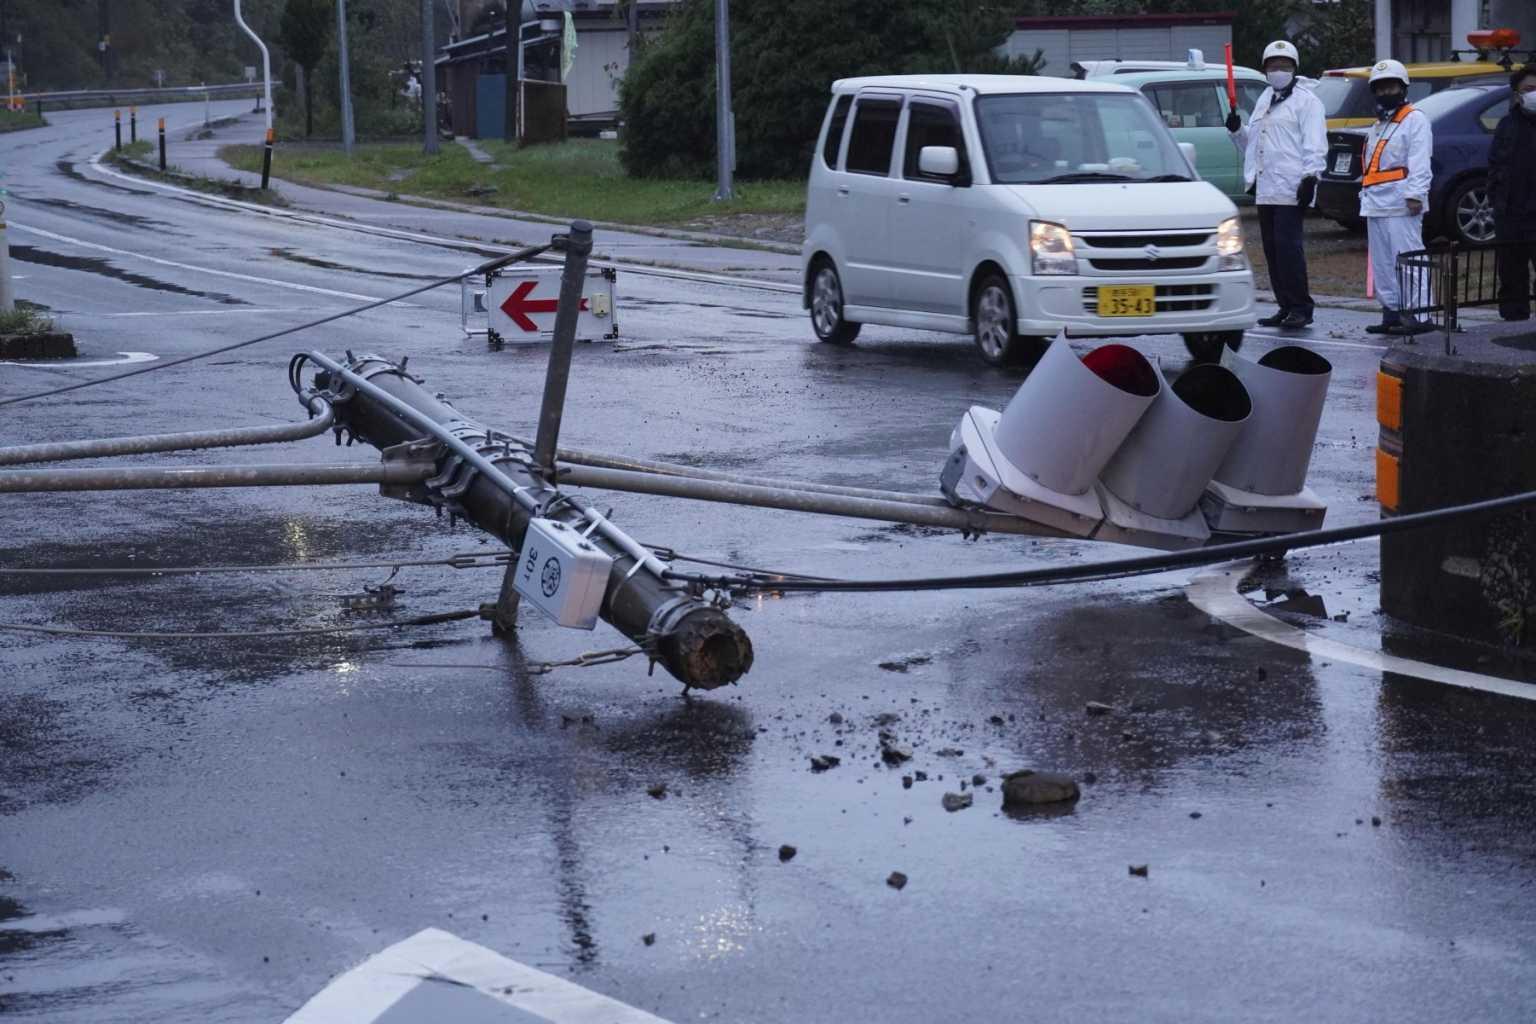 Σεισμός 6,1 ρίχτερ στο Τόκιο – Ανησυχία για ενδεχόμενο τσουνάμι